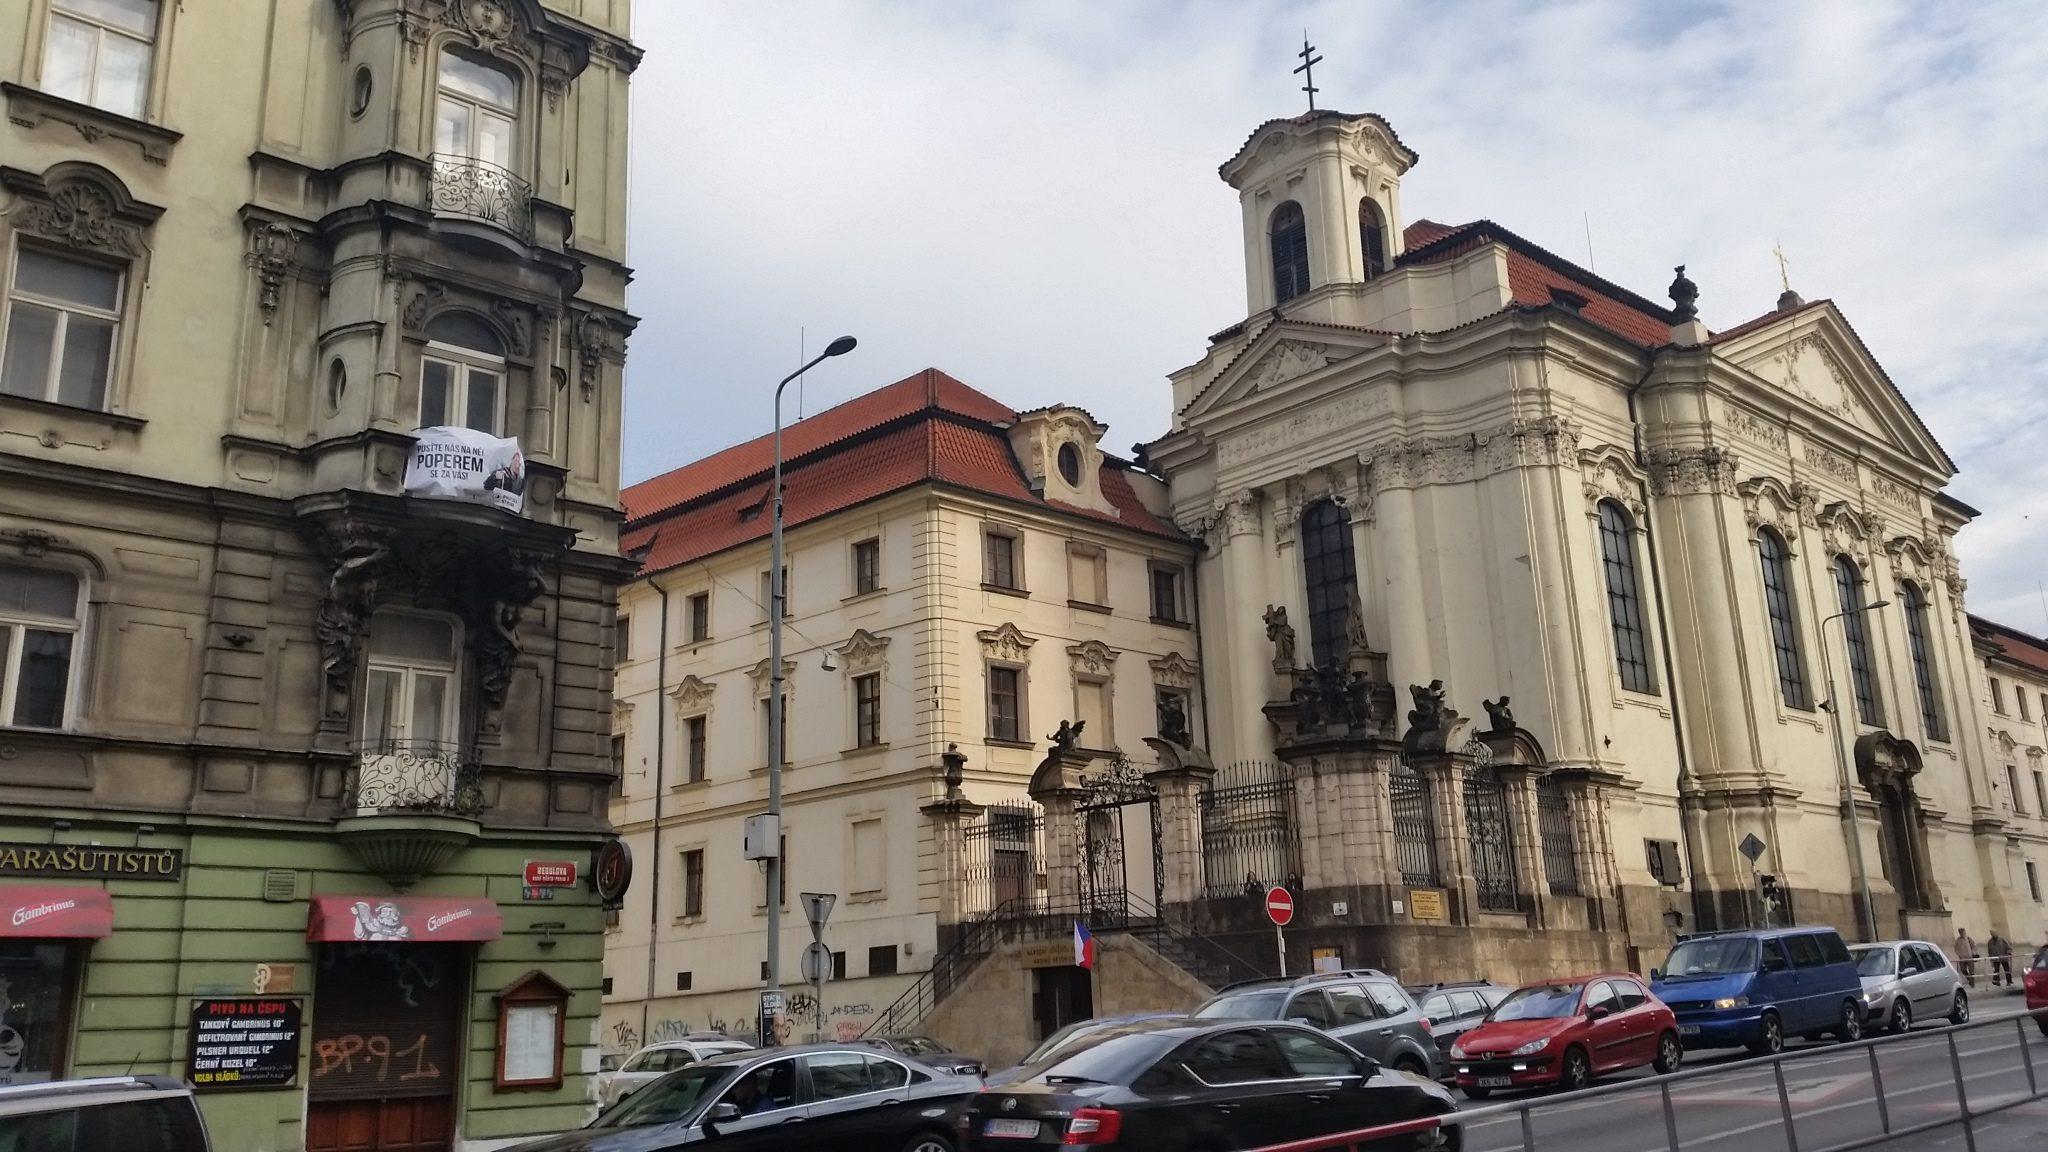 Танцующий дом, собор Кирилла и Мефодия, площадь с историческим деревом платаном